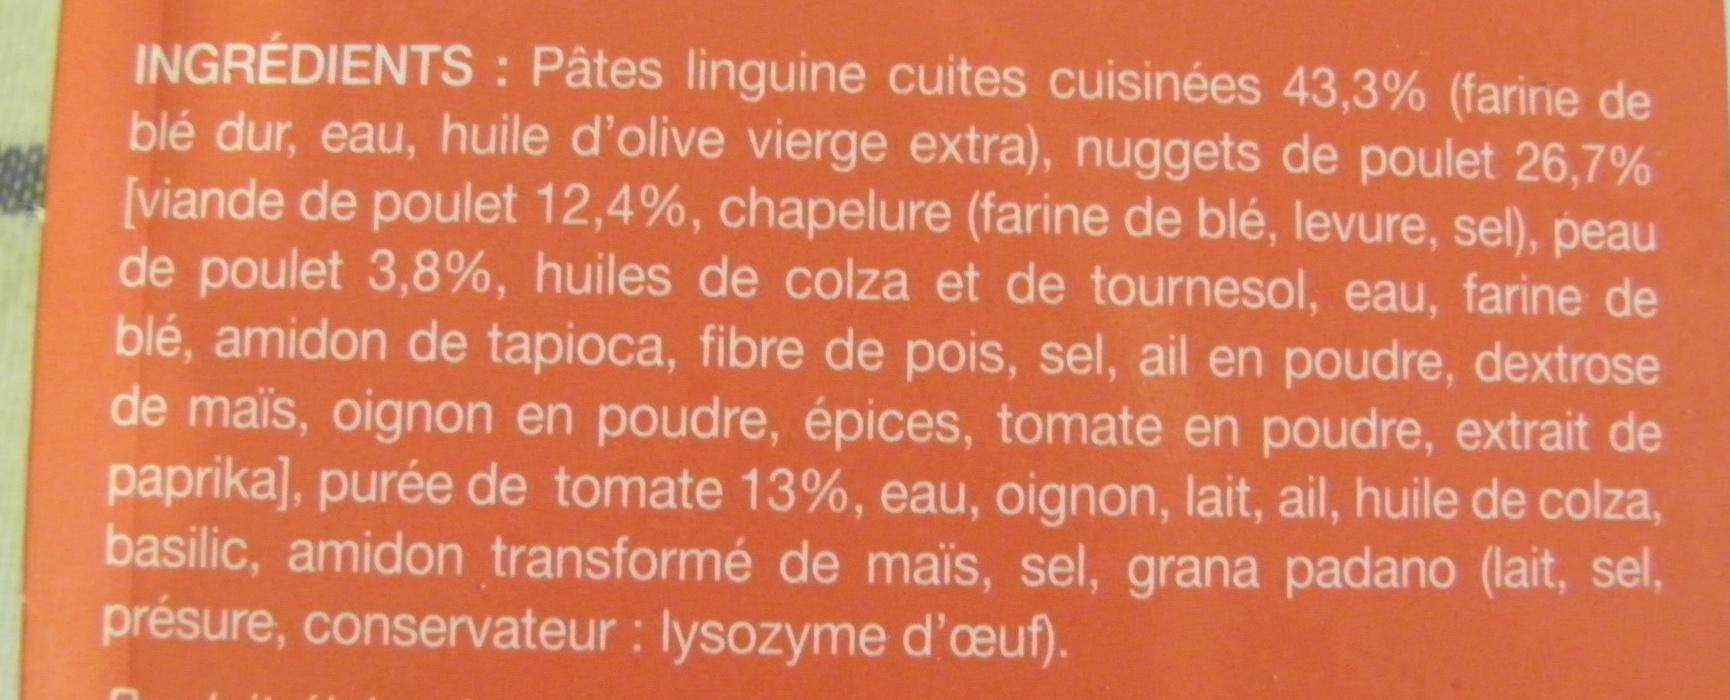 Nuggets de poulet et linguine, sauce tomate, Surgelés - Ingrédients